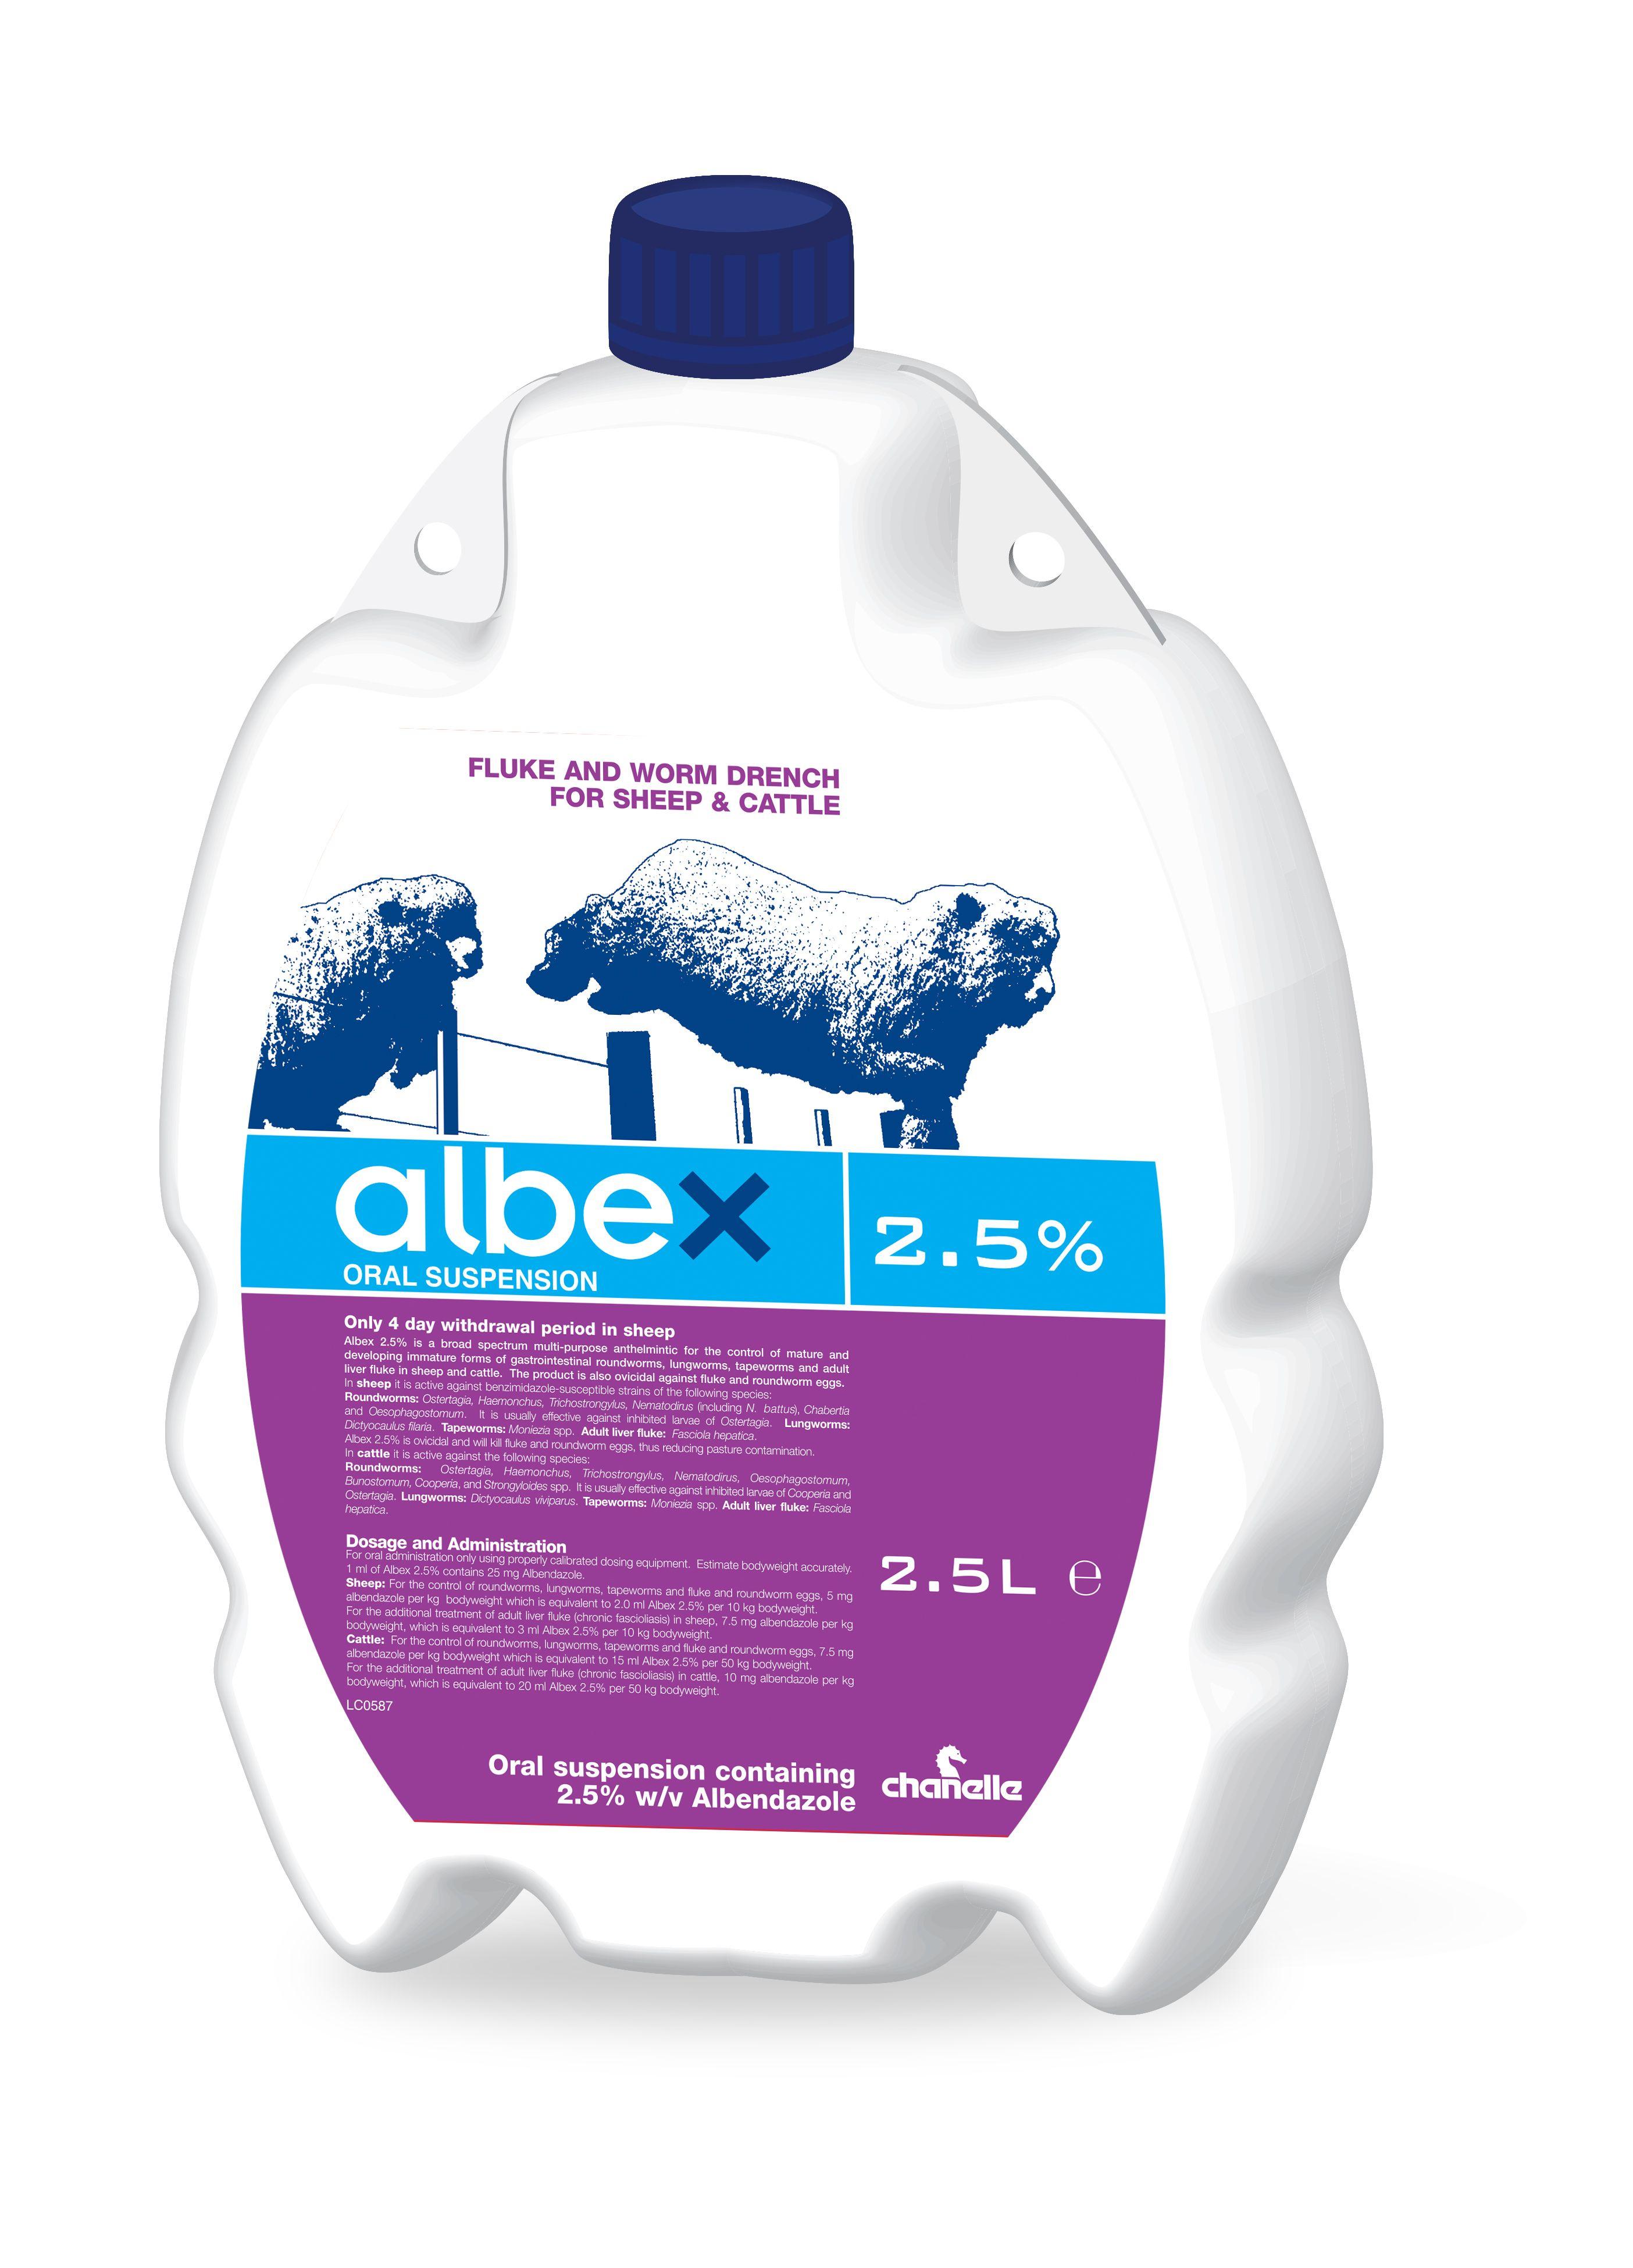 Albex 2.5%